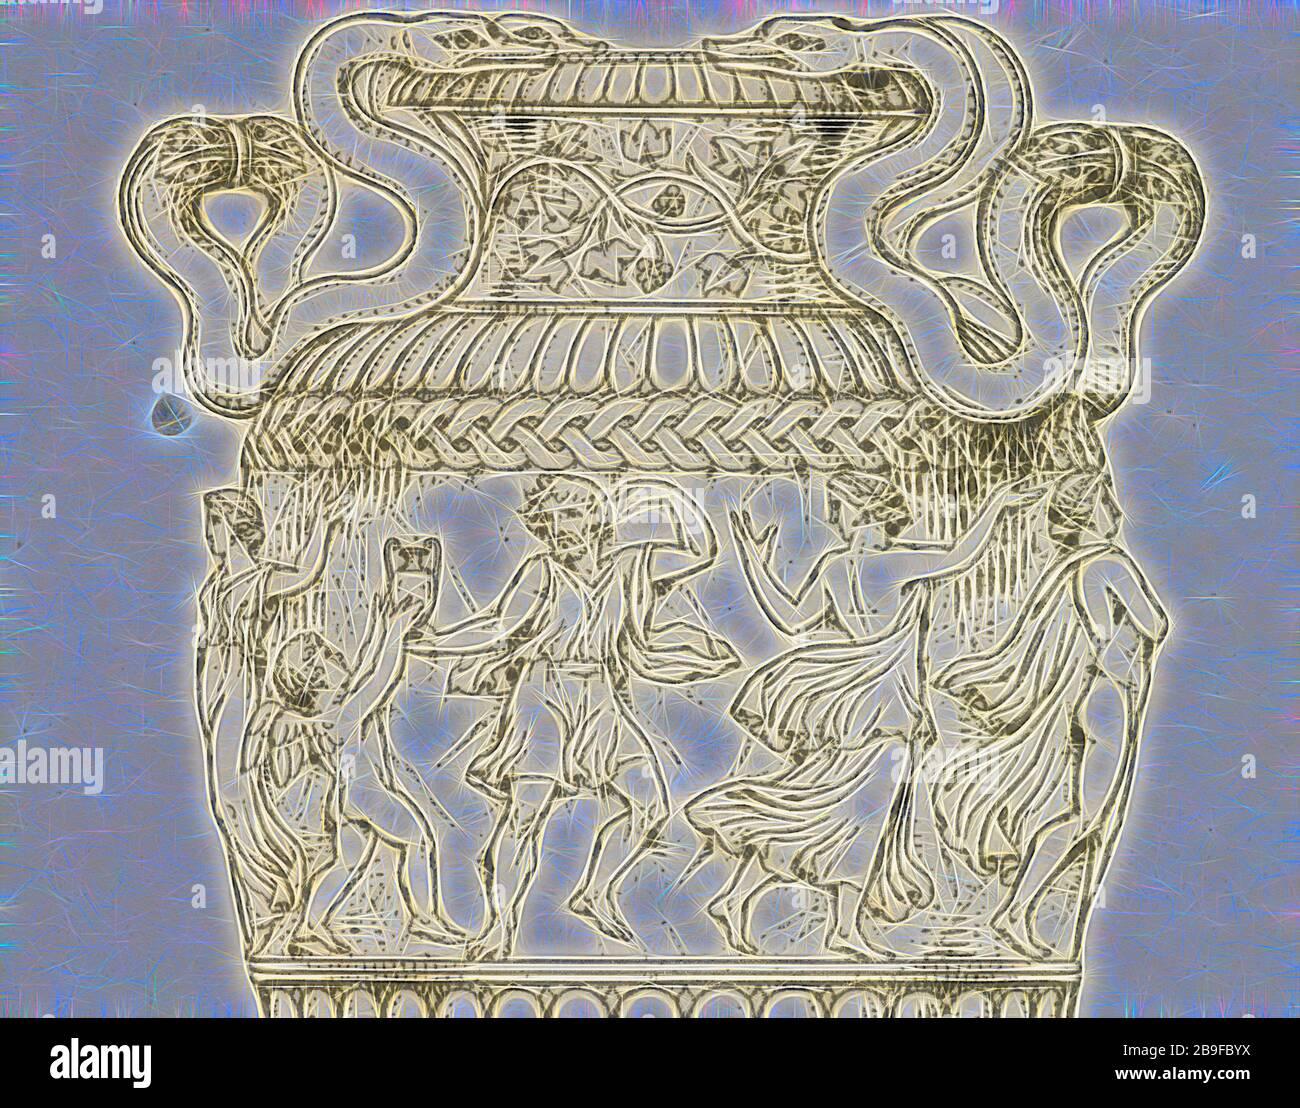 Placa 39. De un florero en una Colección privada en Roma, una colección de jarrones antiguos, altares, pateras, trípodes, candelabra, sarcófagos, andc. De varios museos y colecciones, Baber, Henry Hervey, 1775-1869, Moses, Henry, 1782?-1870, Grabado, 1811-1814, placa 39, vista detallada. Esta no es una vista general de la placa 39, Reimaged by Gibon, diseño de cálido y alegre brillo de la luminosidad y la radiación de los rayos de luz. Arte clásico reinventado con un toque moderno. Fotografía inspirada en el futurismo, abrazando la energía dinámica de la tecnología moderna, el movimiento, la velocidad y la revolución de la cultura. Foto de stock